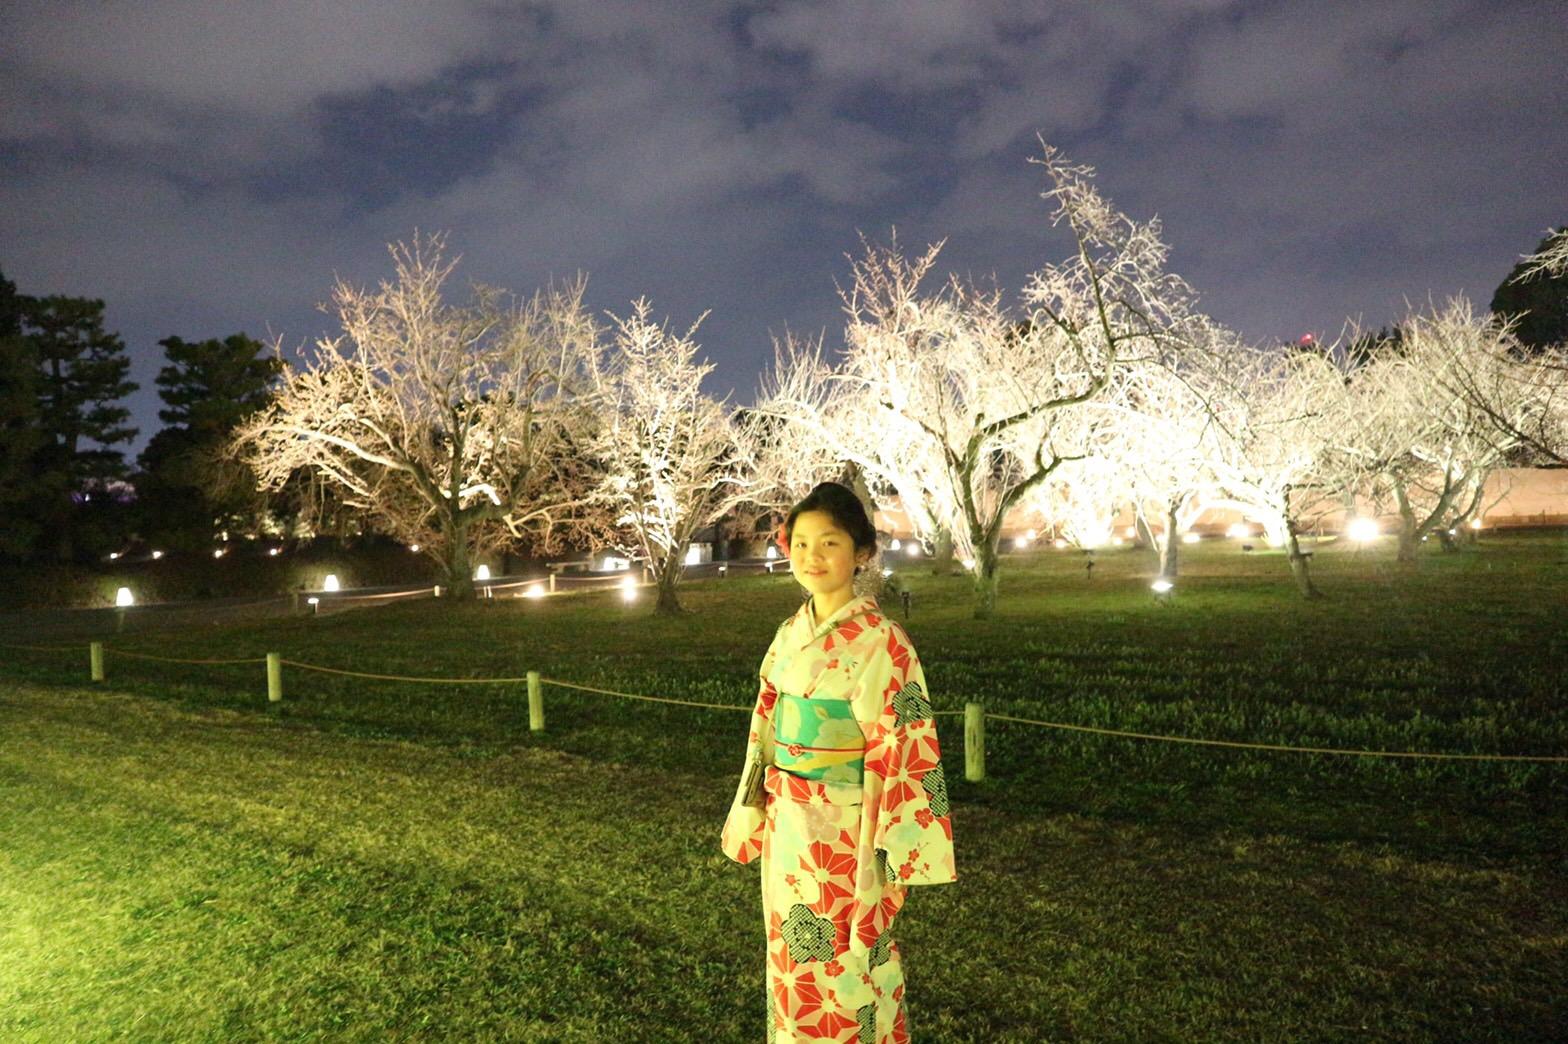 二条城桜まつり2019ライトアップ2019年3月22日5